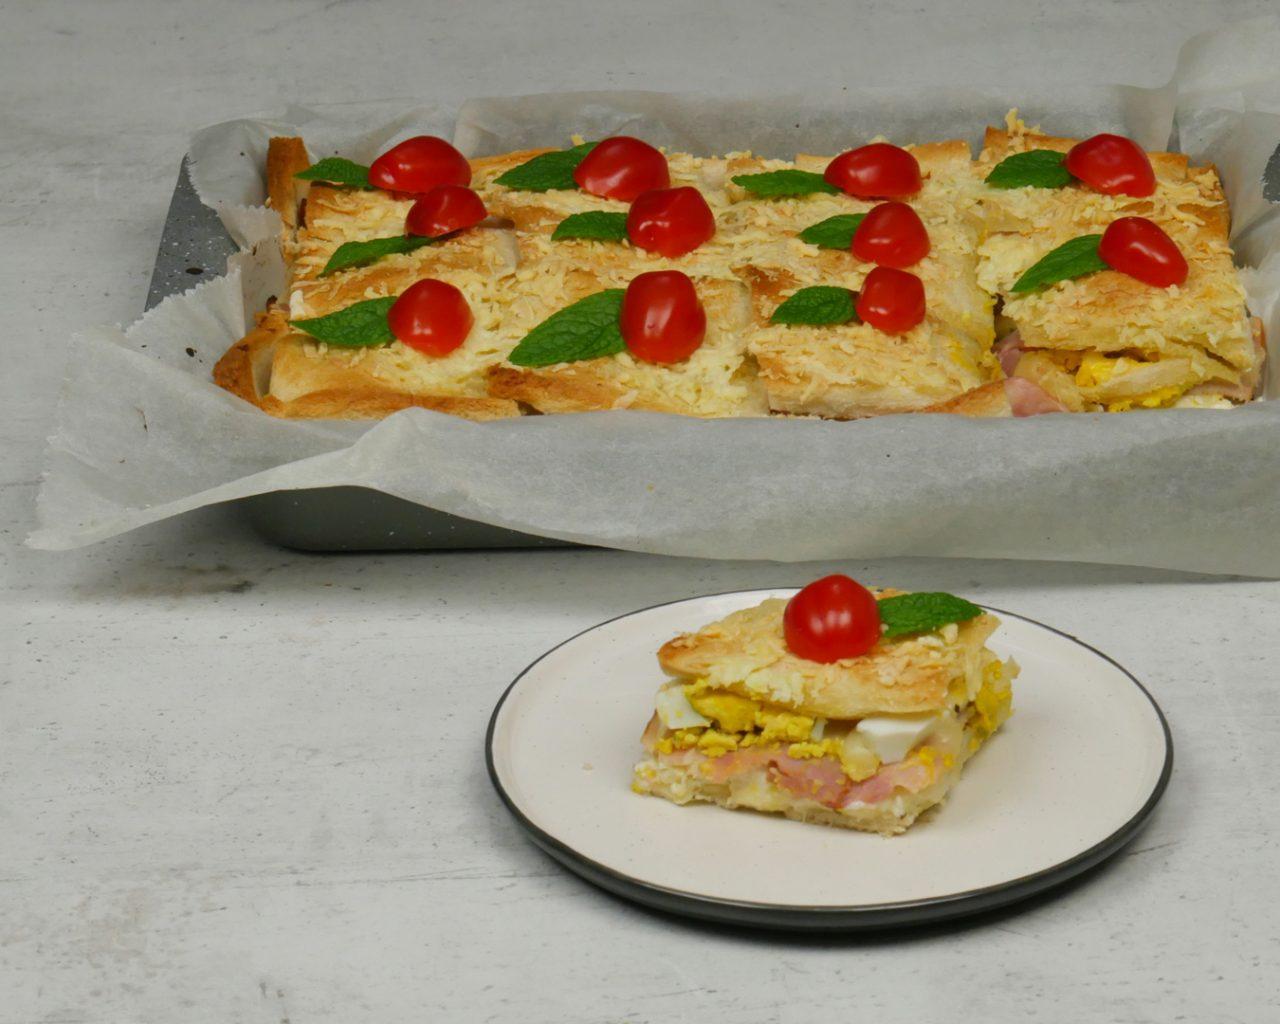 Πεντανόστιμη αλμυρή λιχουδιά με ψωμί του τοστ και τυριά για το μπουφέ σας